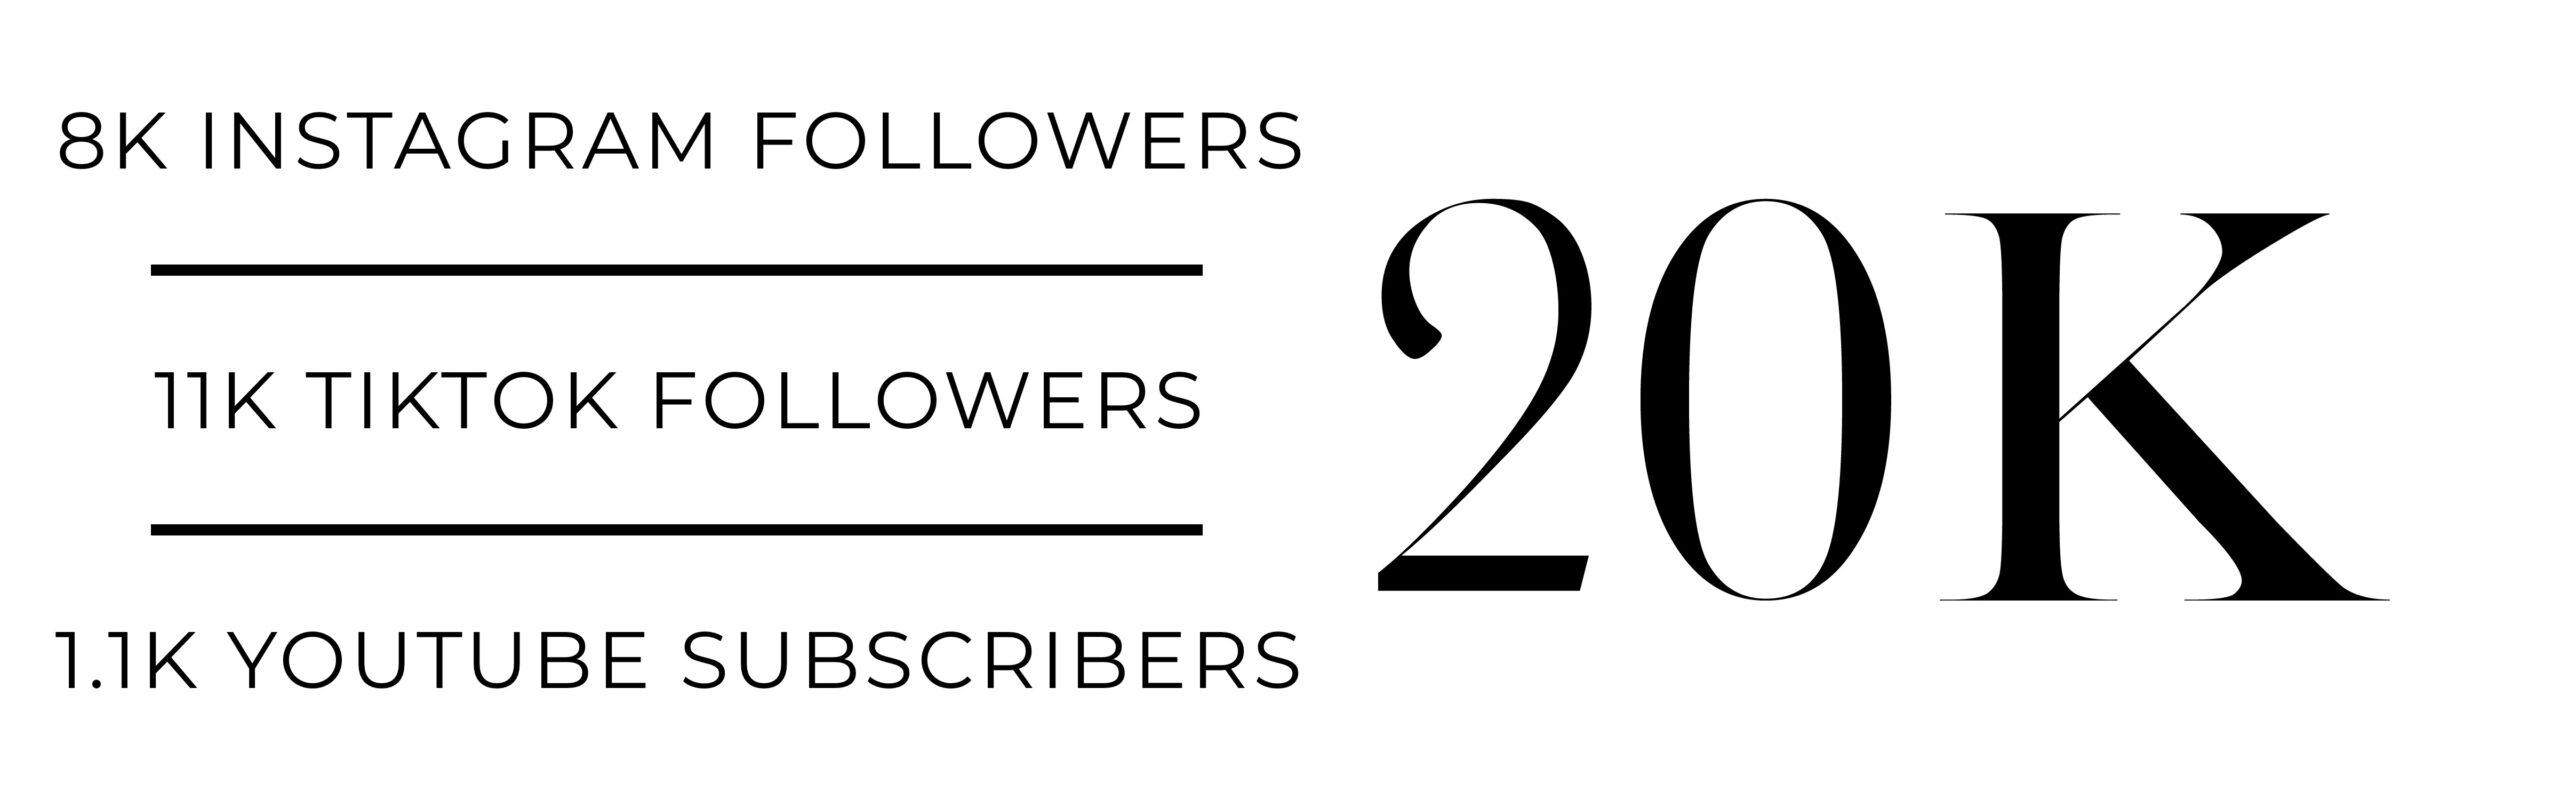 raven roberts follower count